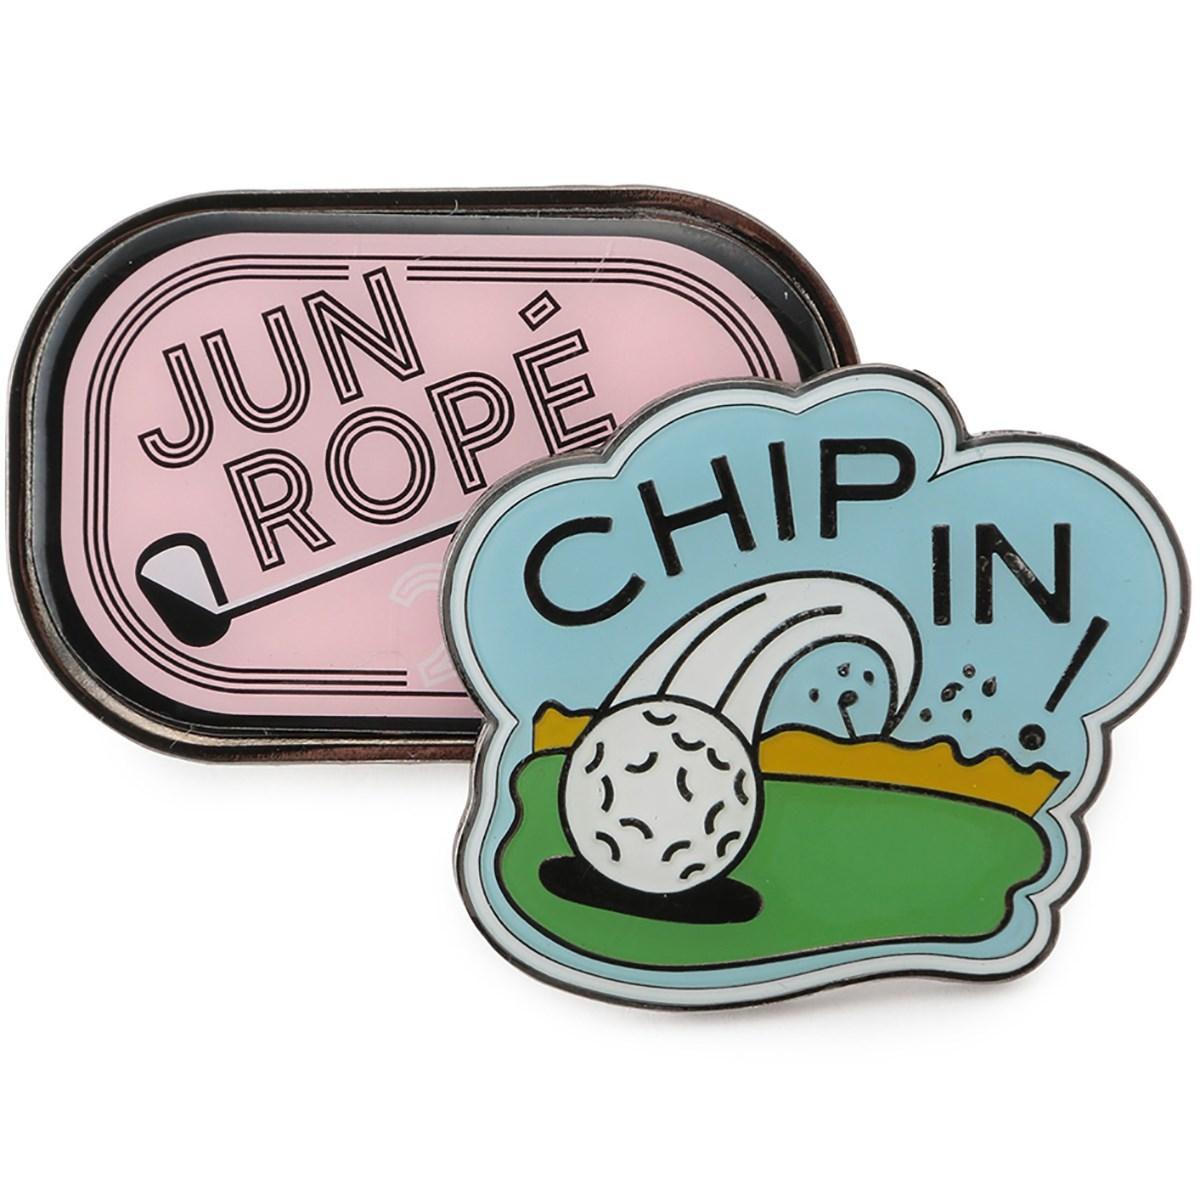 ジュン アンド ロペ CHIP IN マーカー